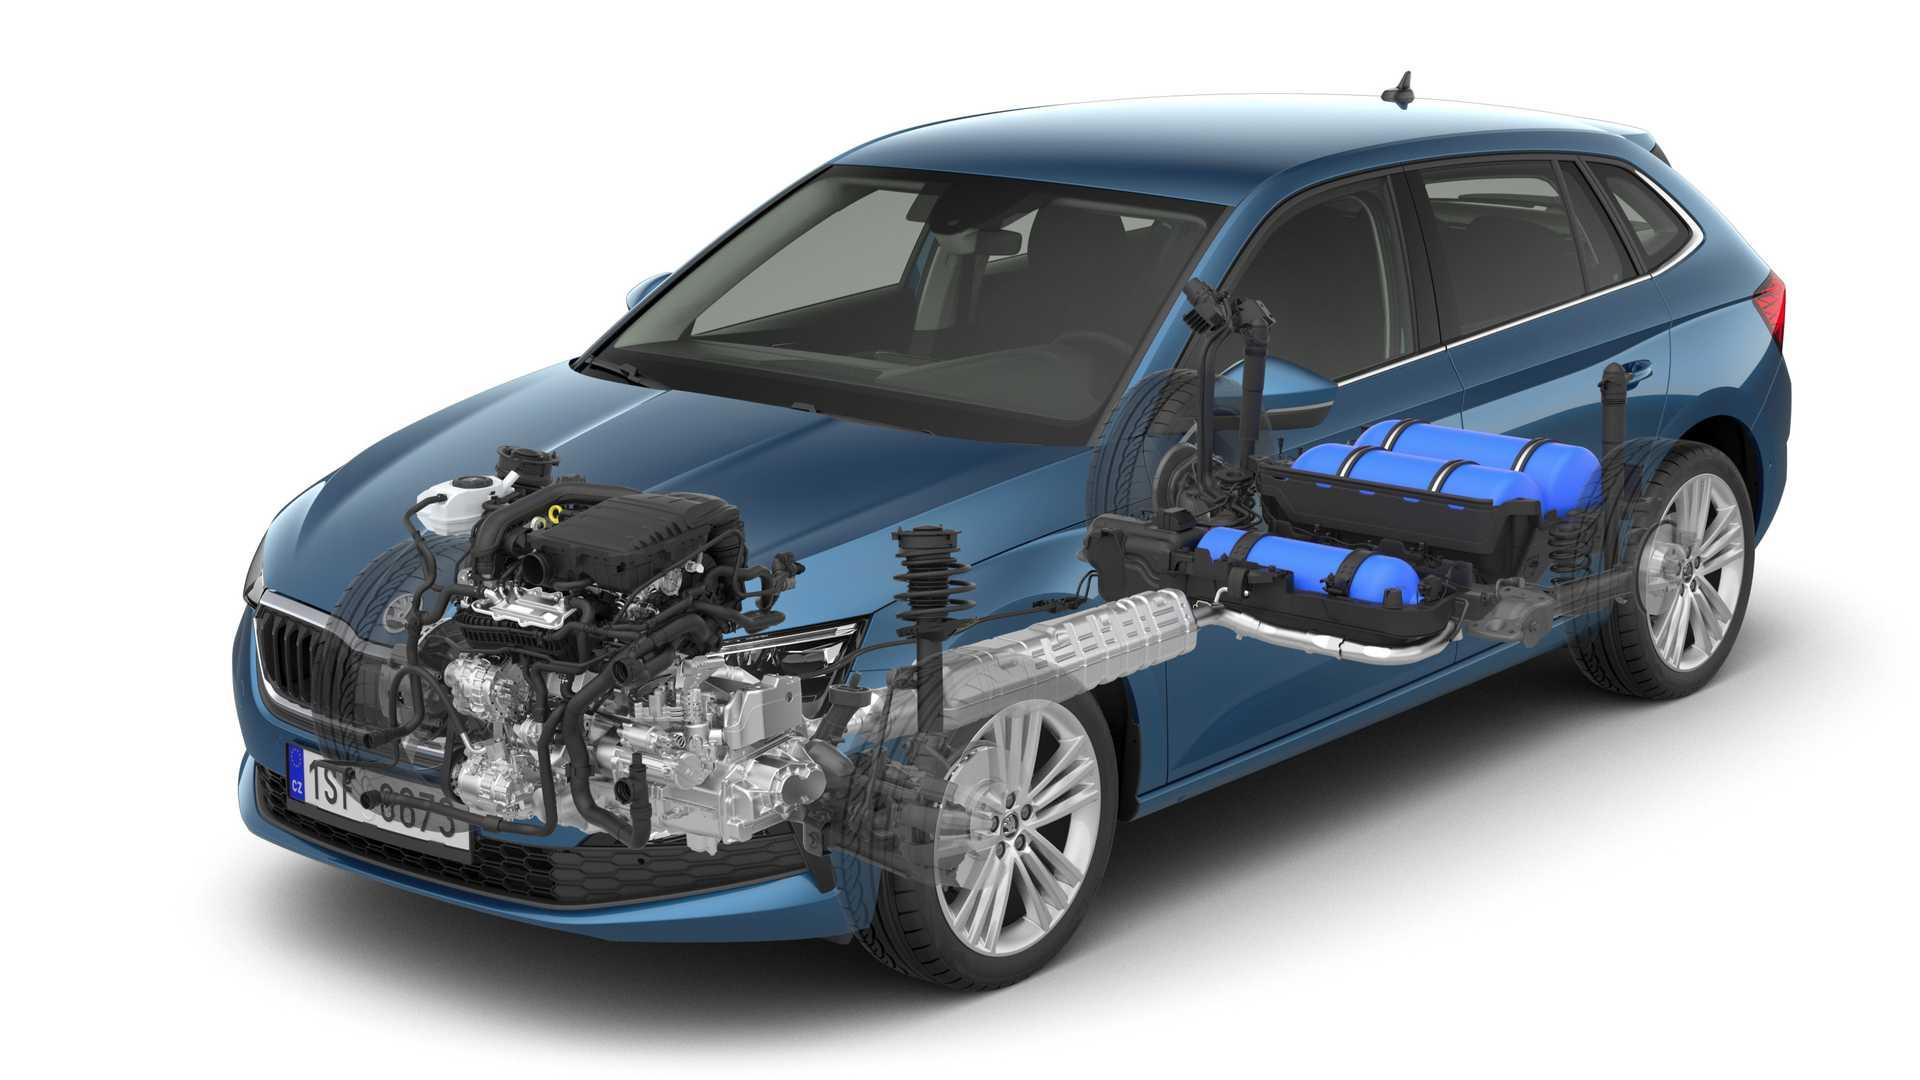 Автомобилестроитель «Шкода» разработал новую версию хэтчбека Scala с двигателем, который работает на бензине и природном газе